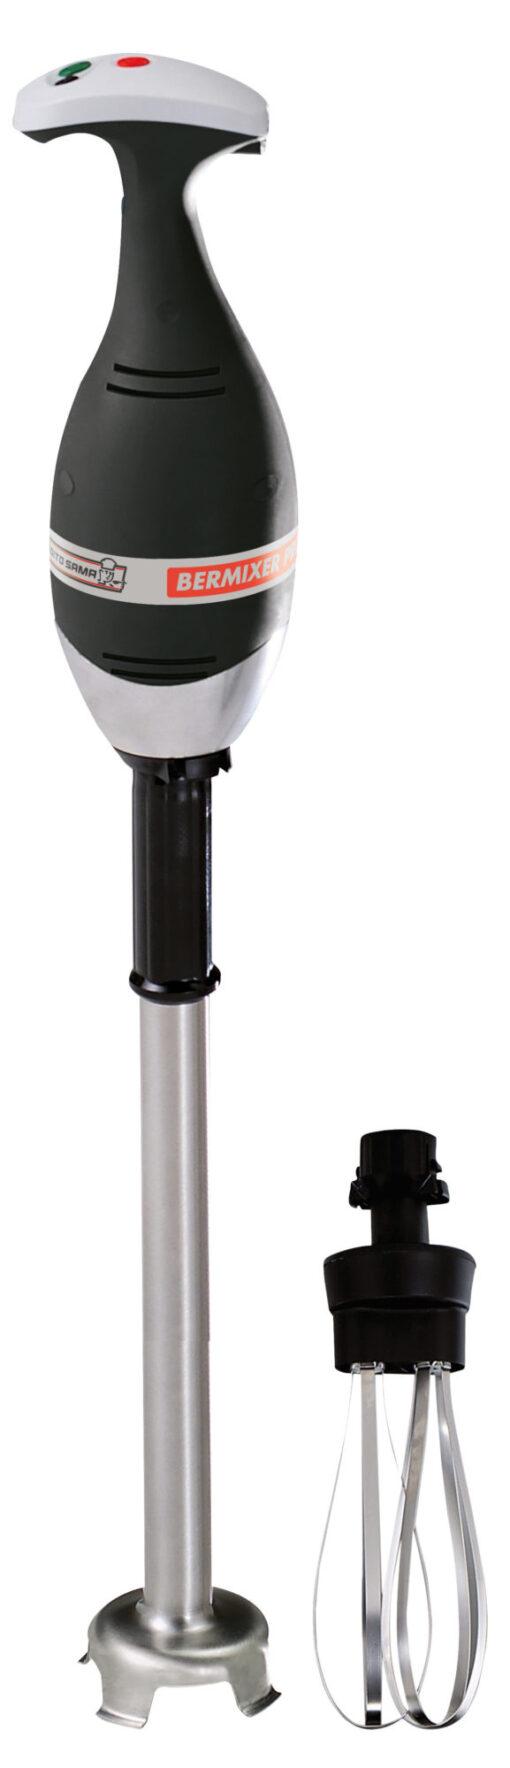 Beermixer pro turbo combi 750W, stav 653 mm + förstärkt visp